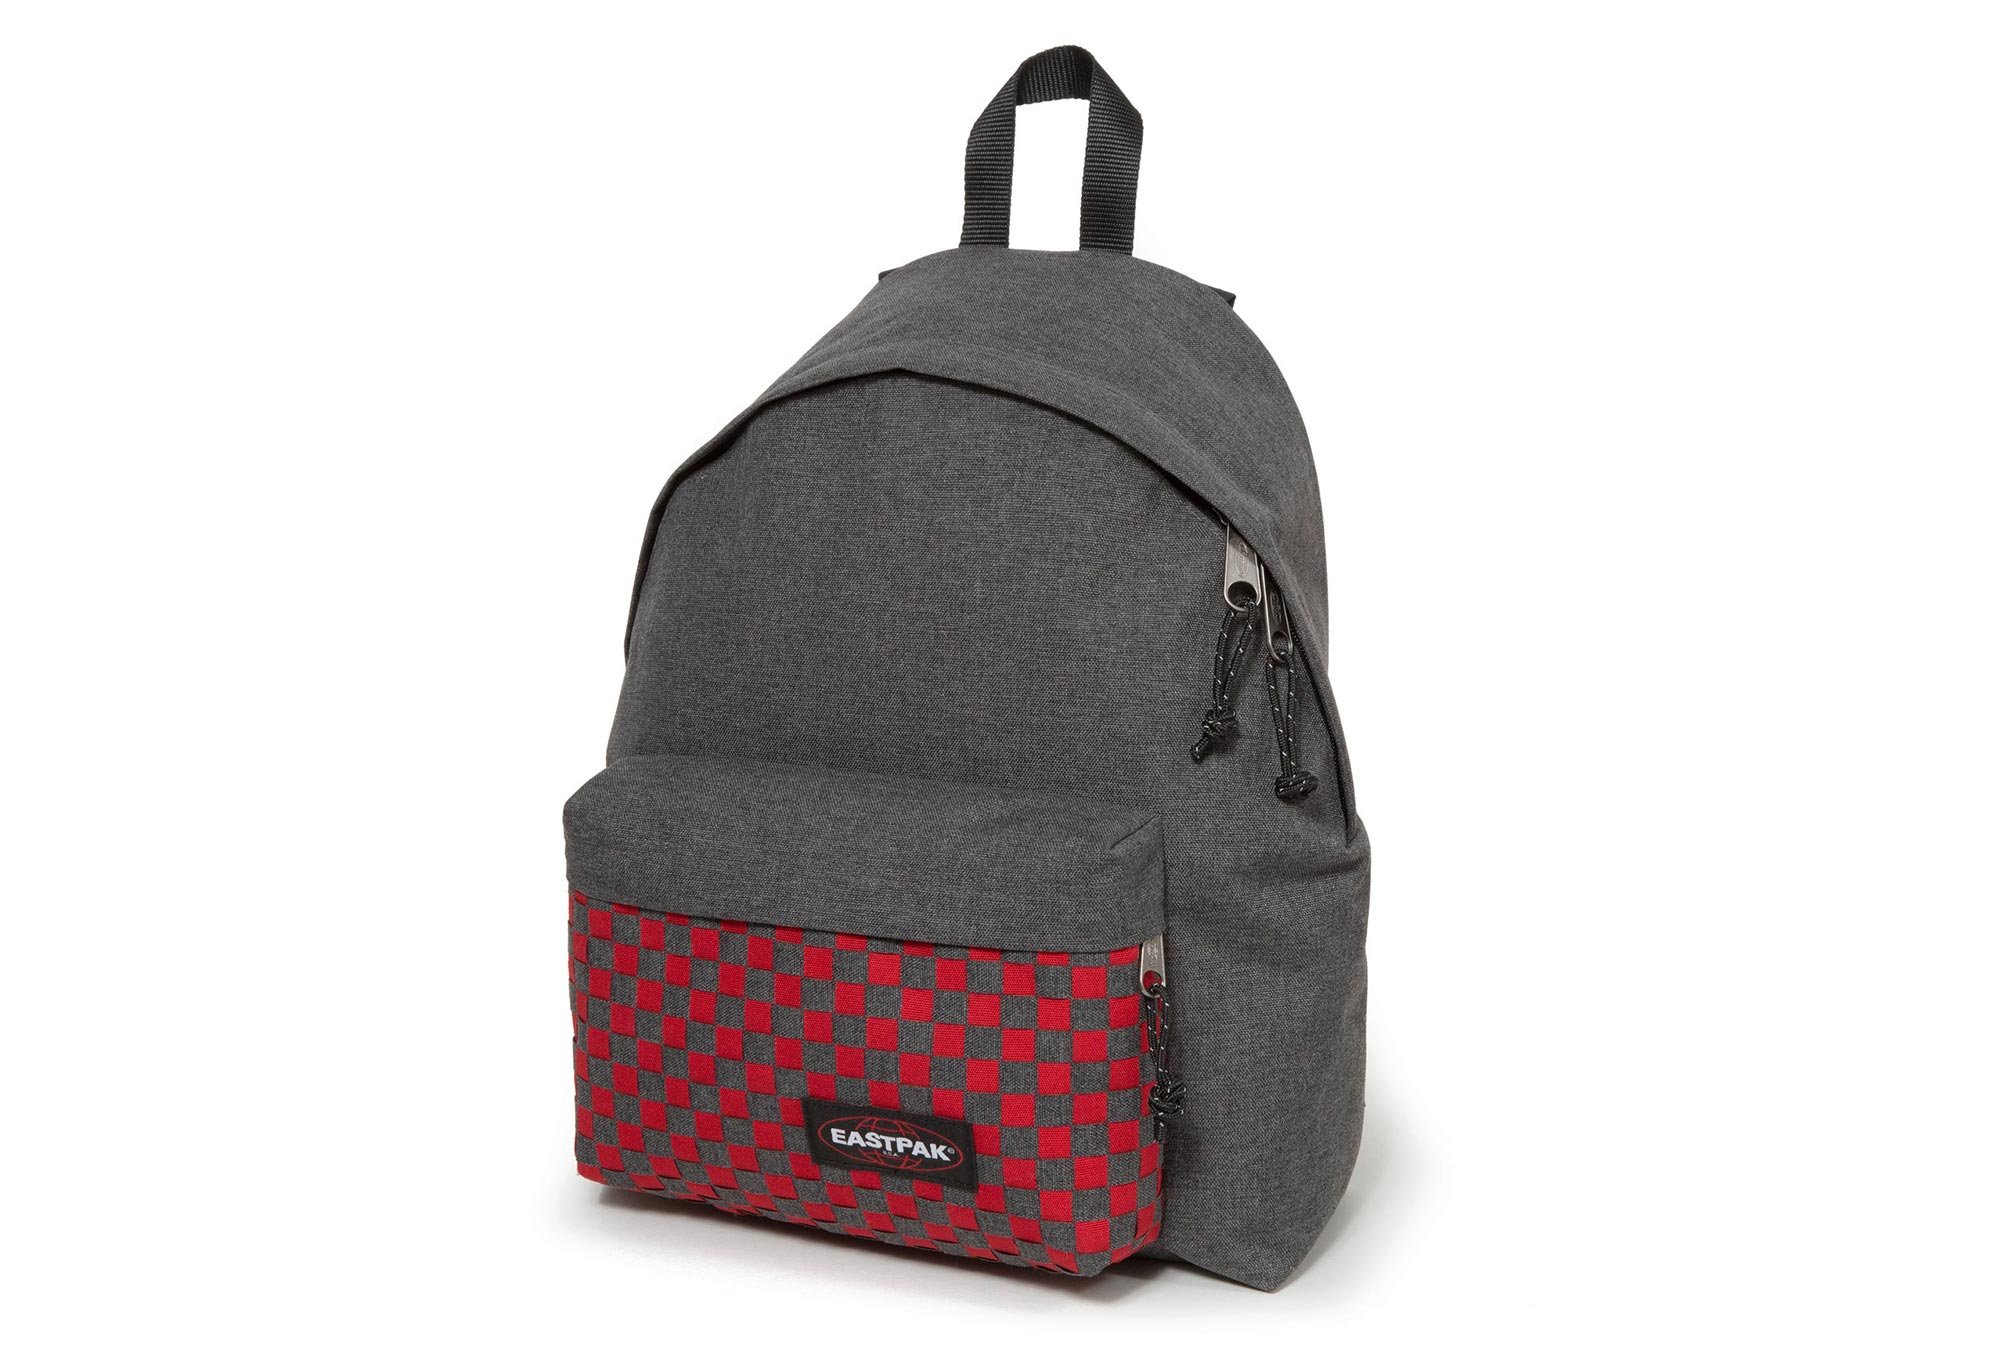 sac eastpak gris et rouge